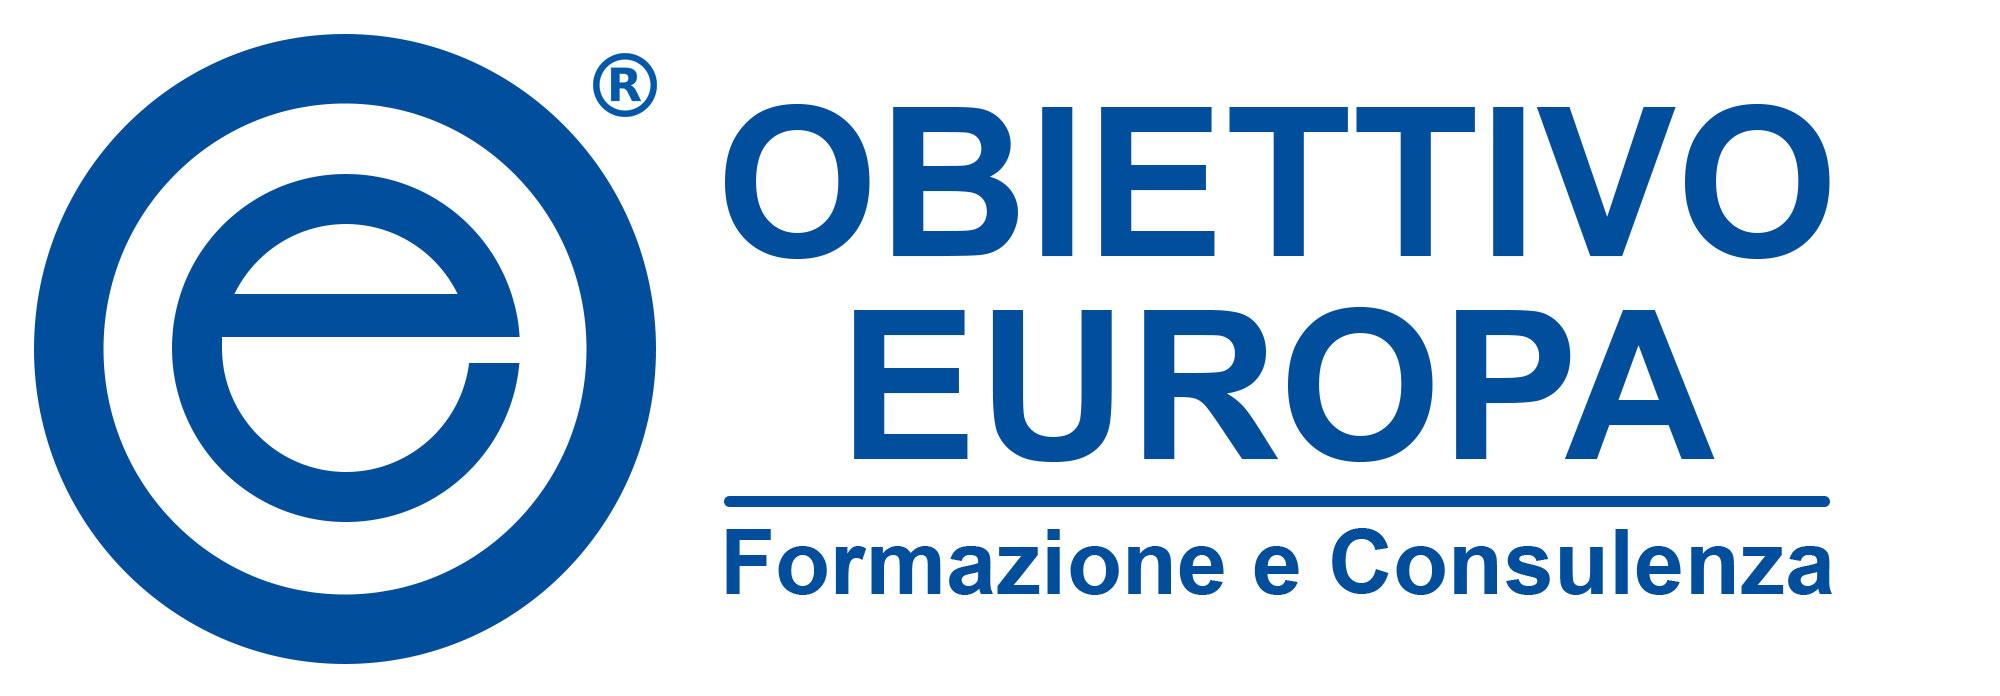 Obiettivo Europa Logo